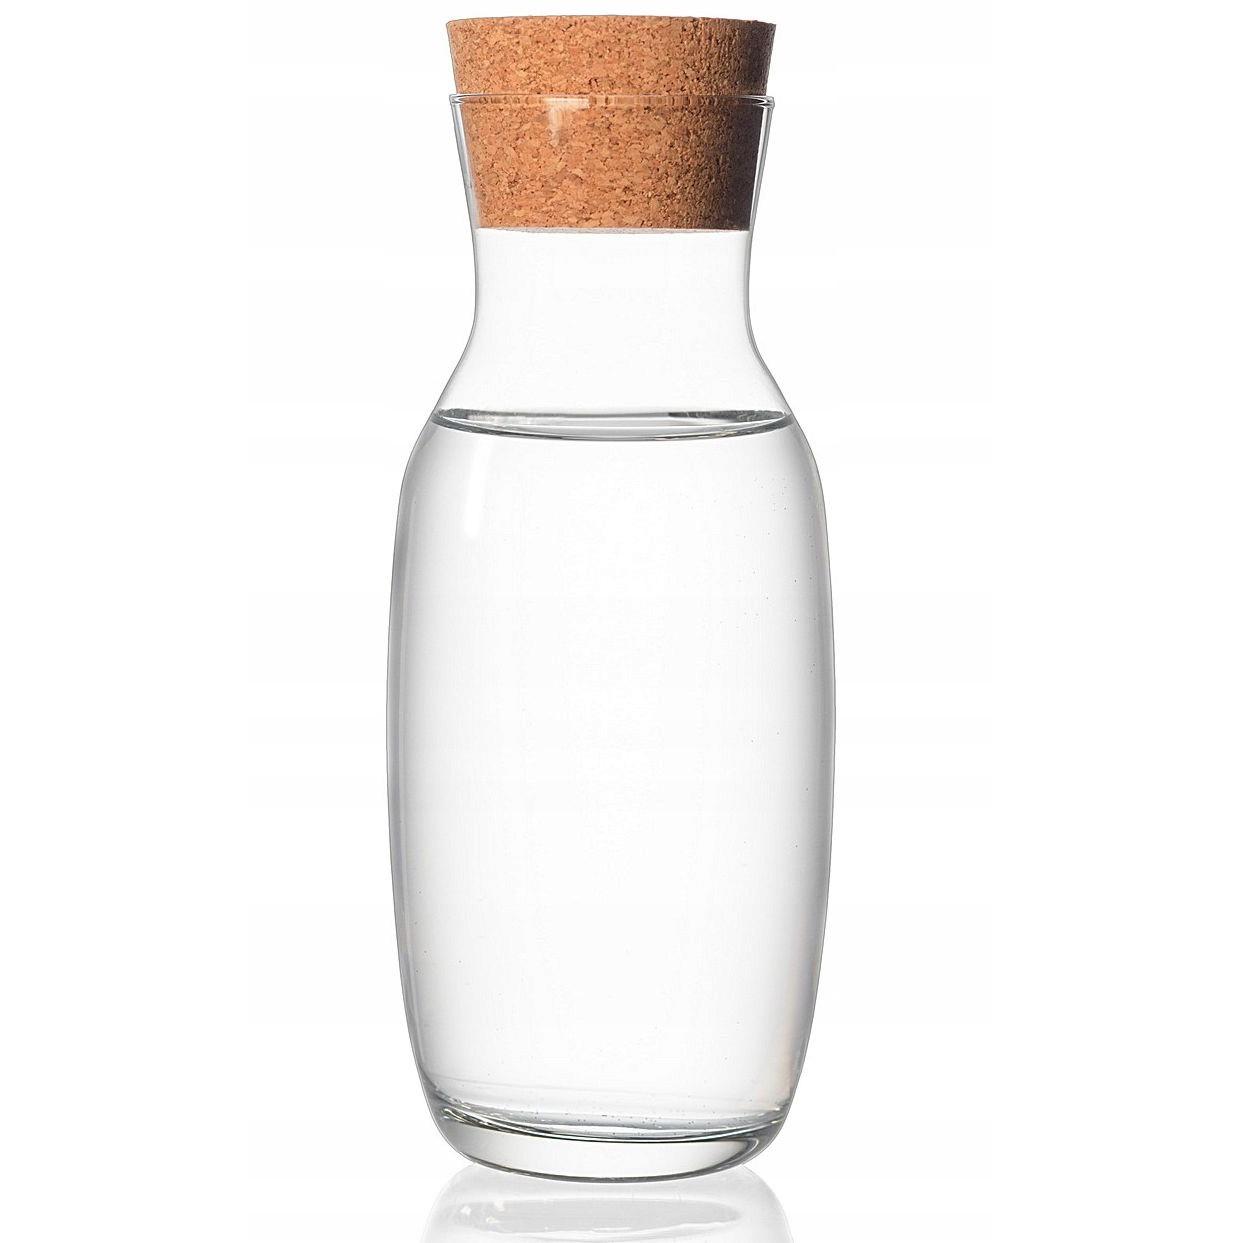 Karafa na vodu s prírodným korkom 1l čírá fľaša megamix.sk